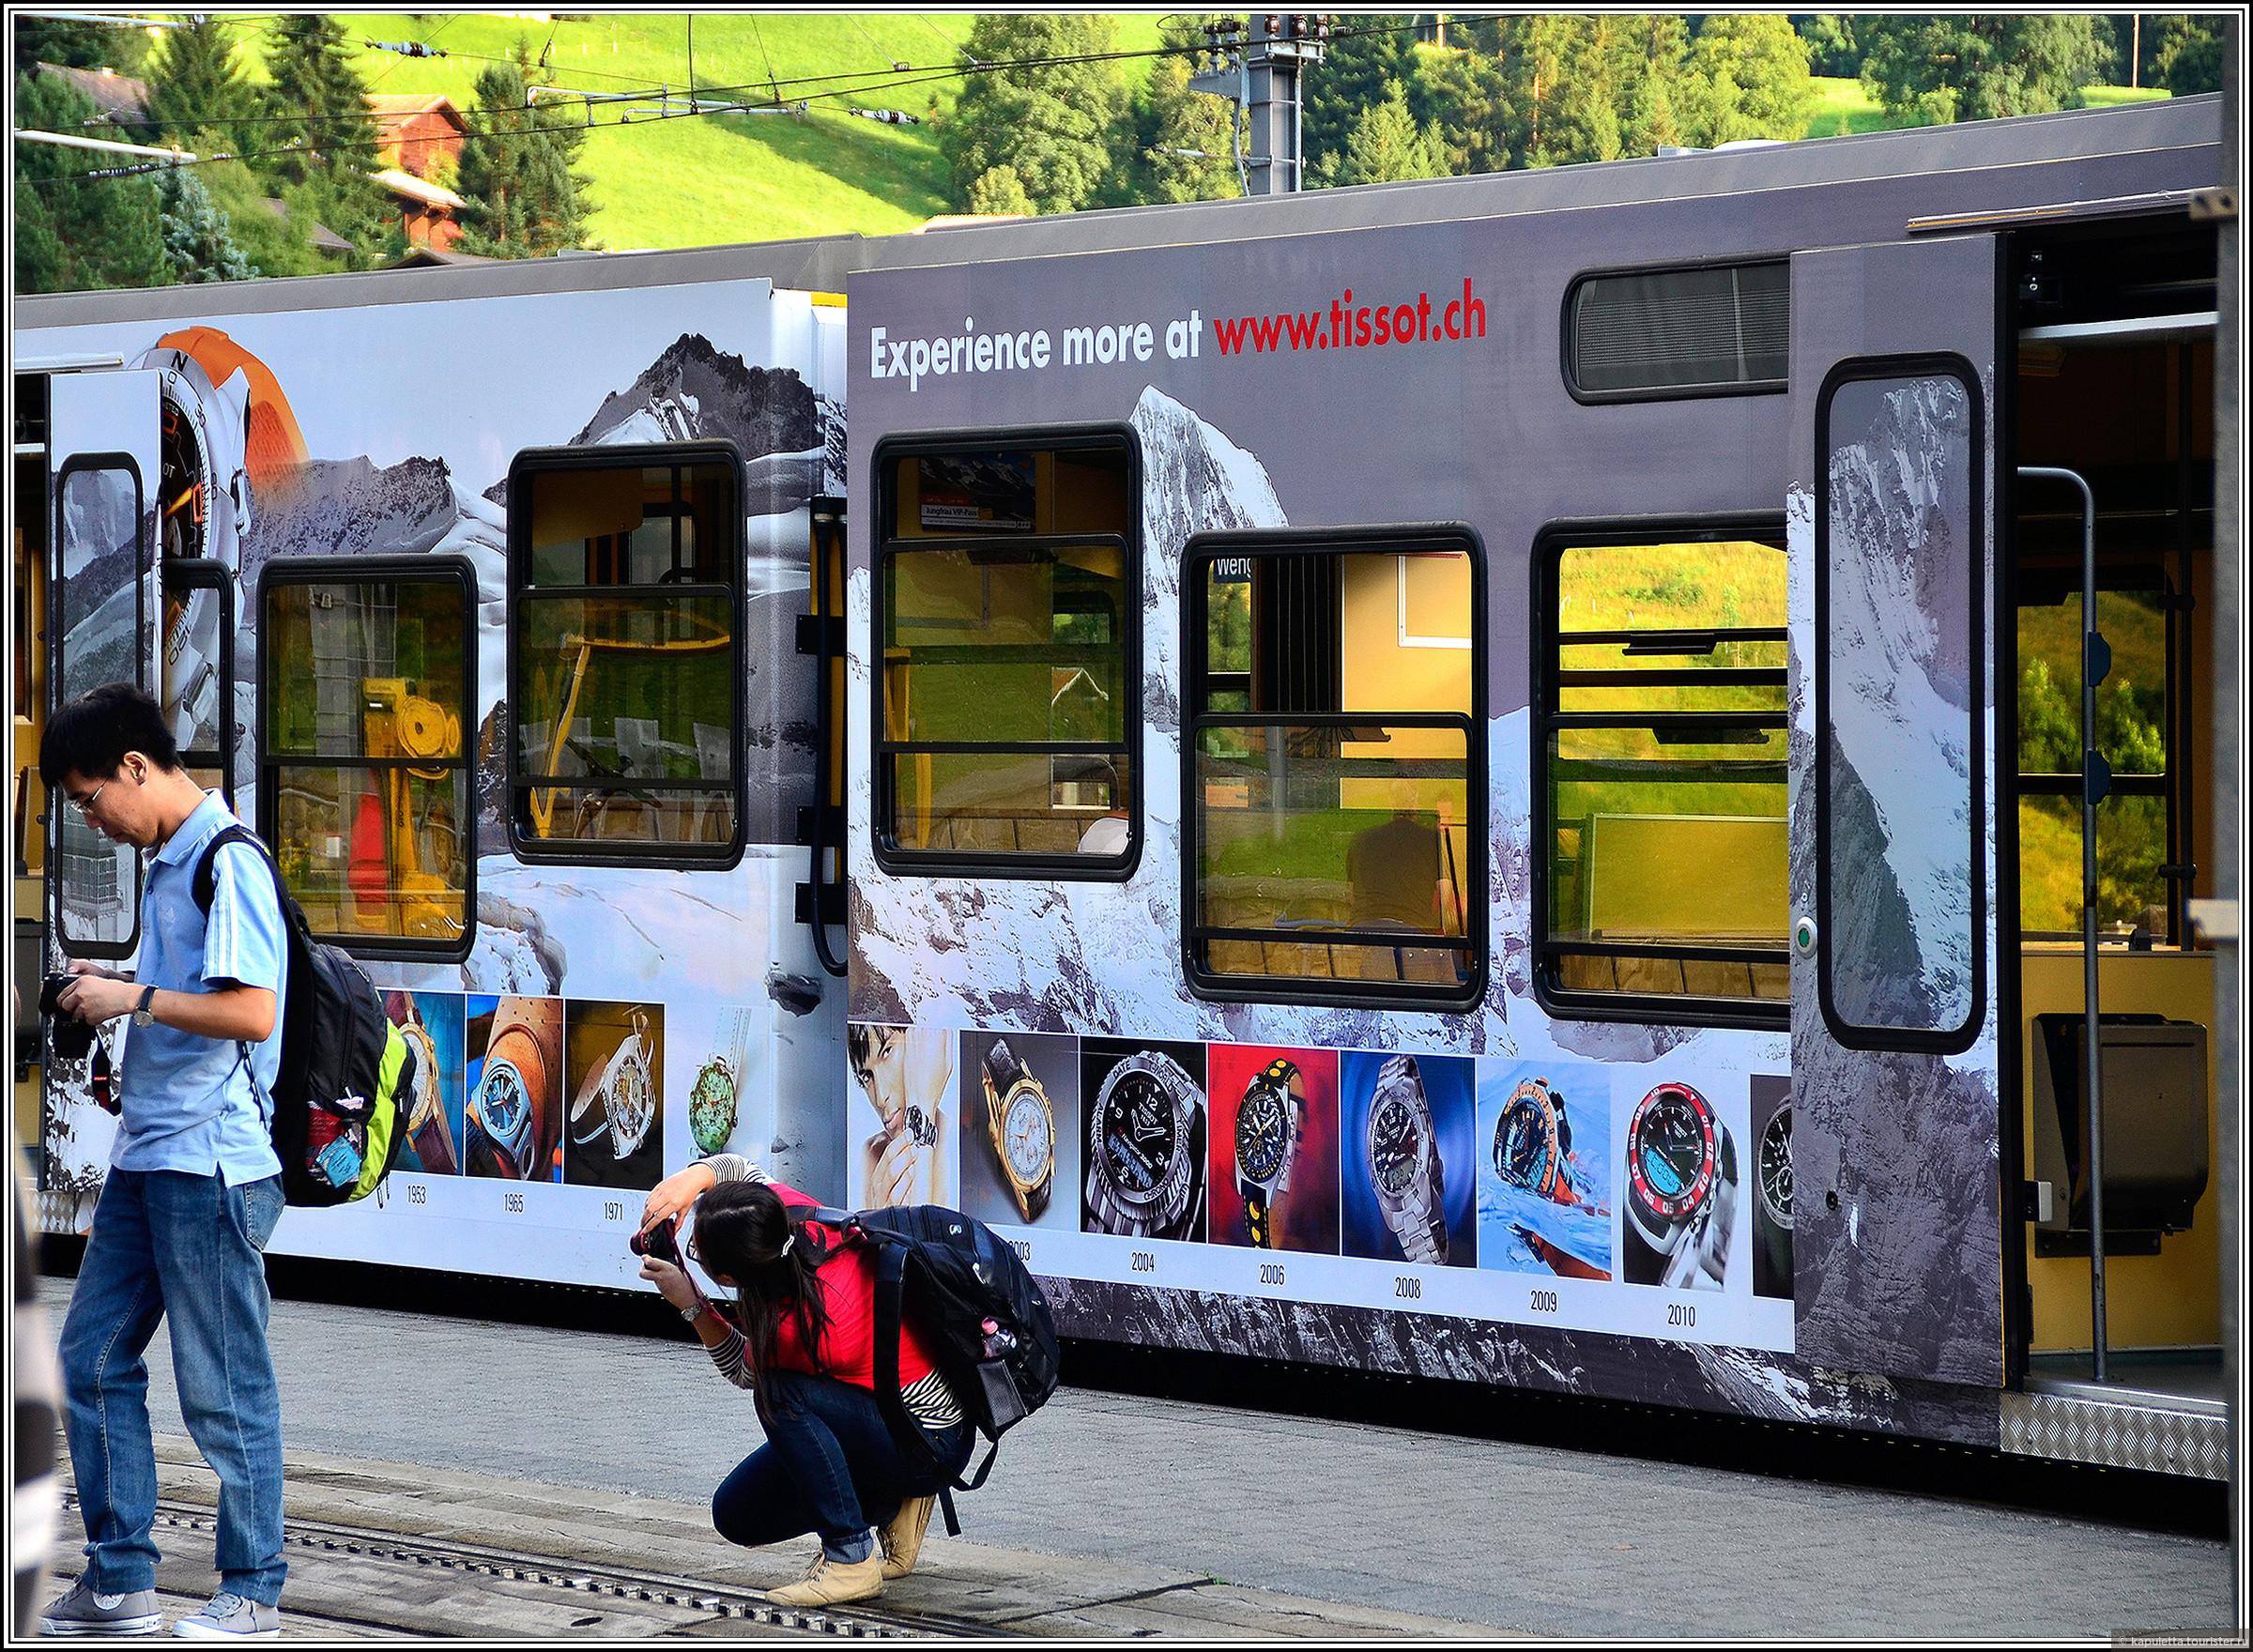 """Фото из альбома """"Венген. В поиске богатого дедушки...."""", Венген, Швейцария"""